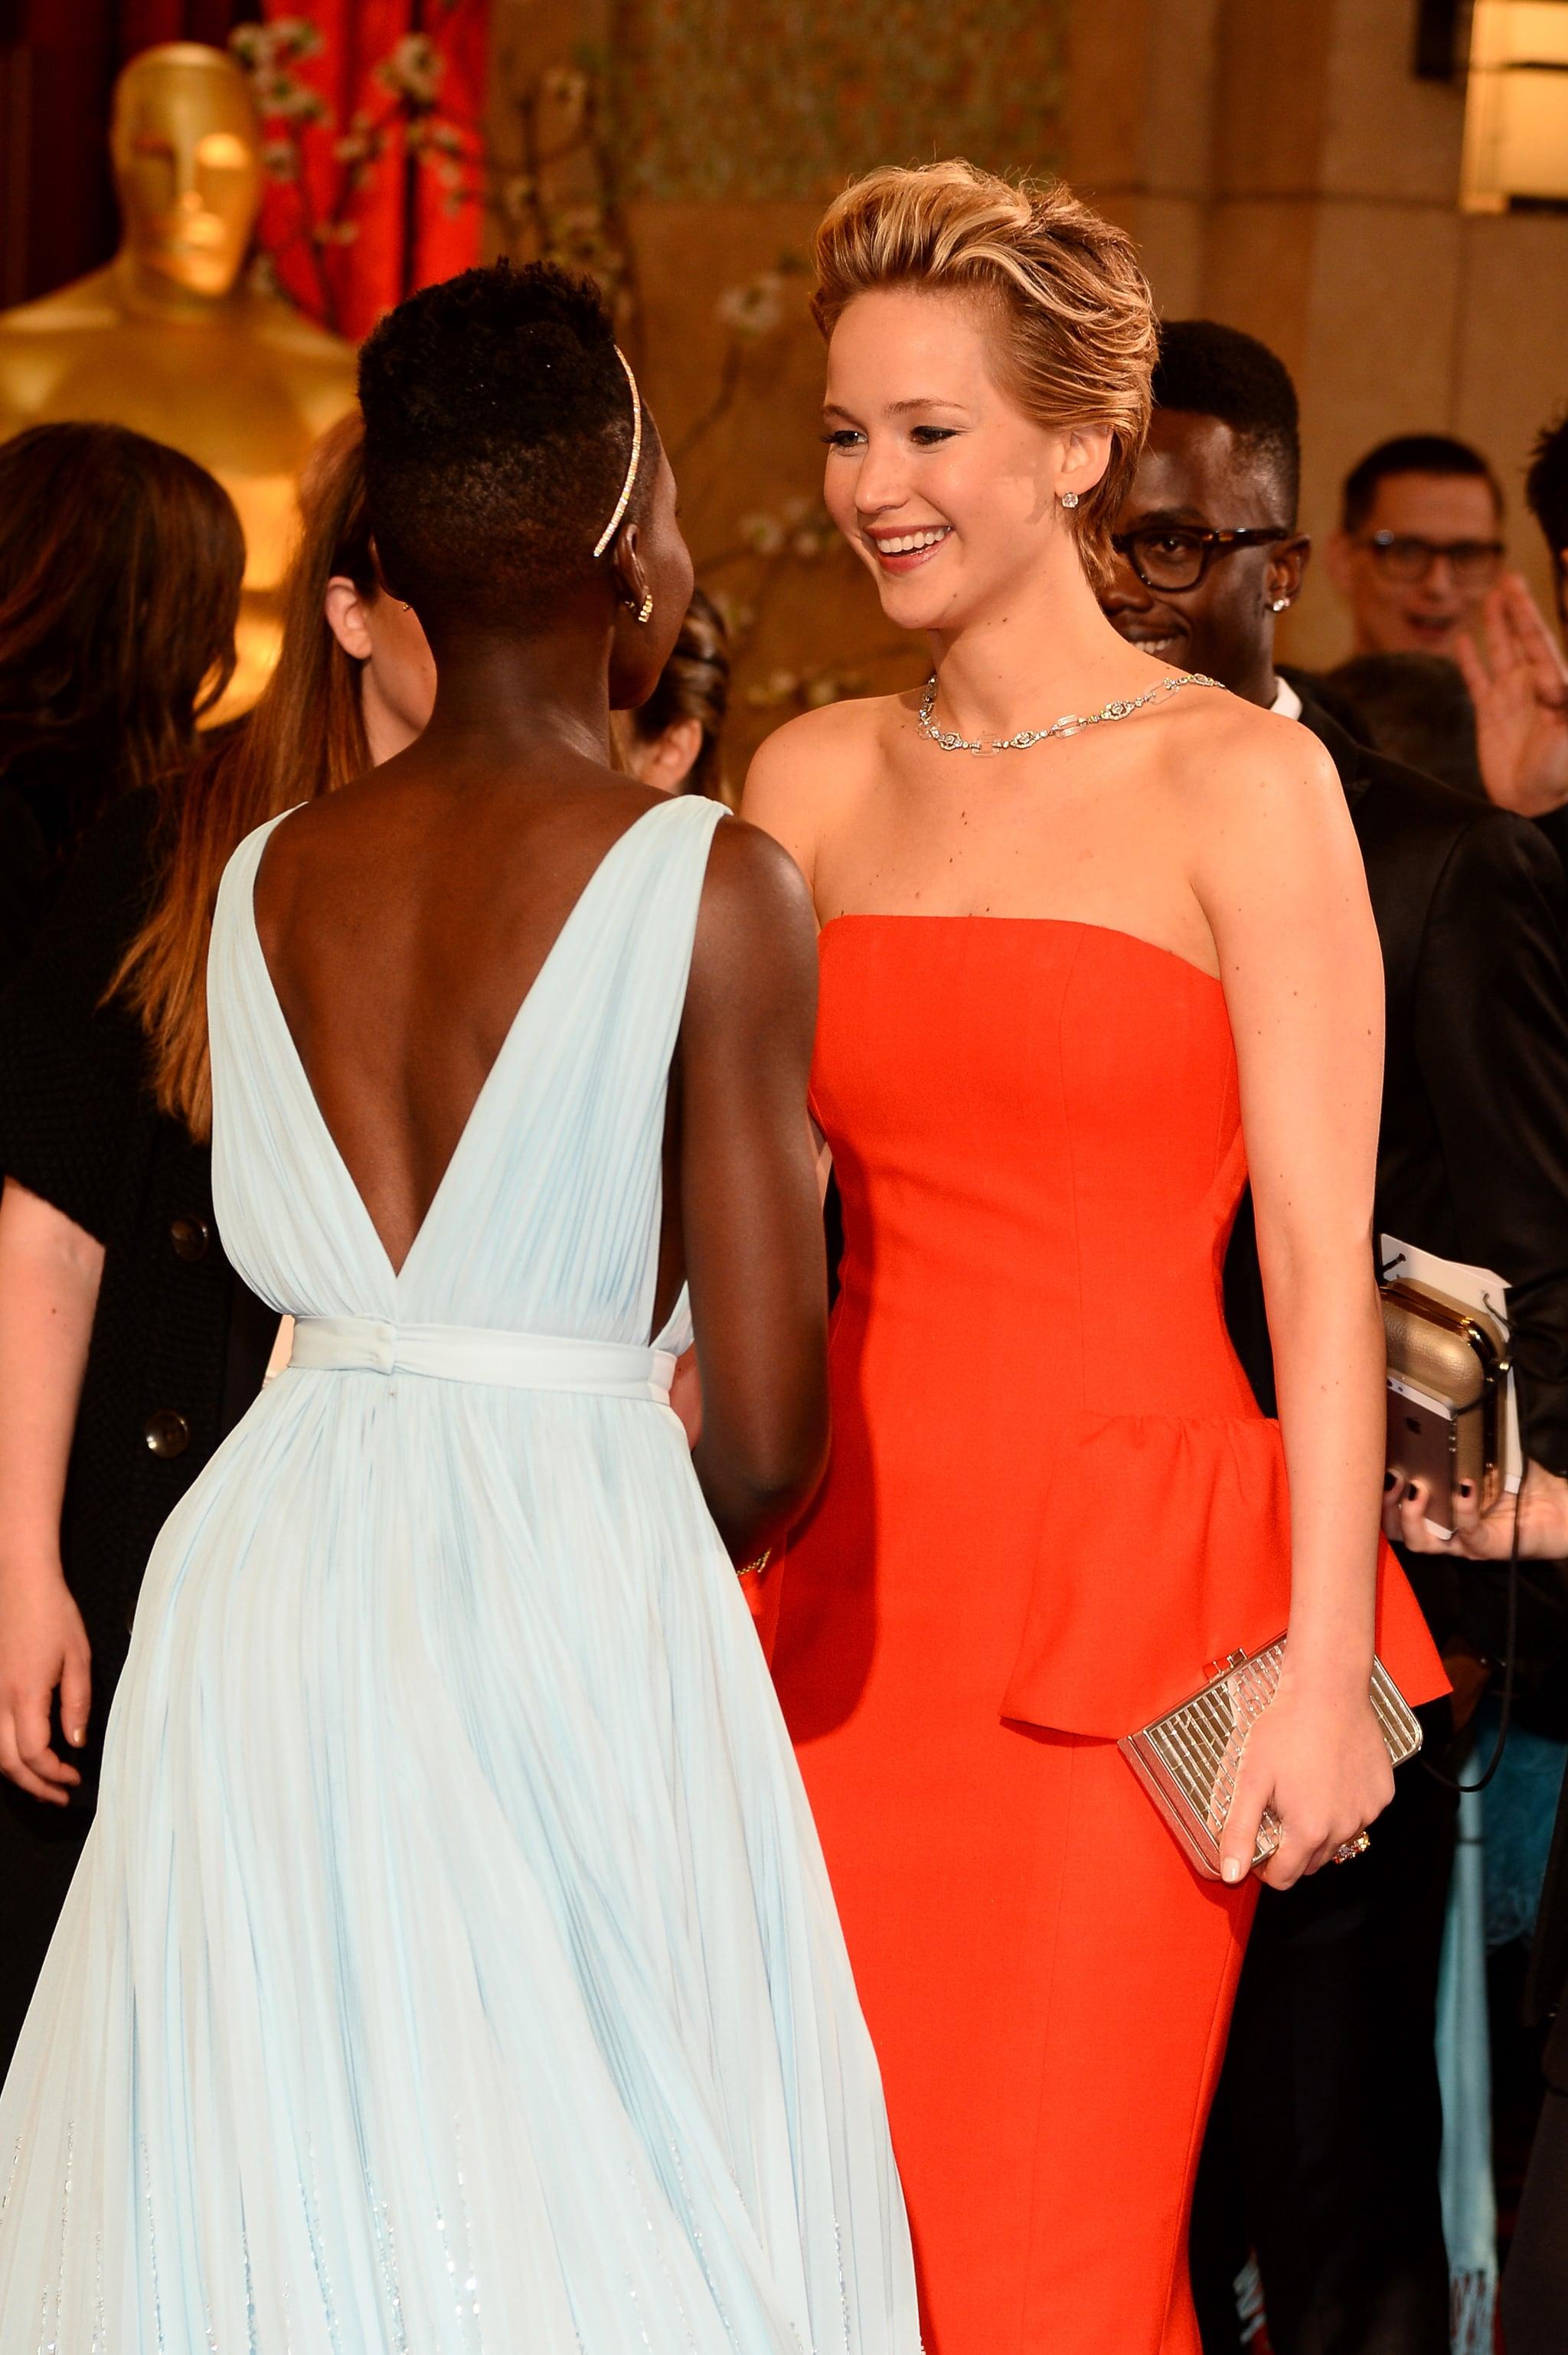 Lupita Nyong'o and Jennifer Lawrence at the 2014 Oscars.